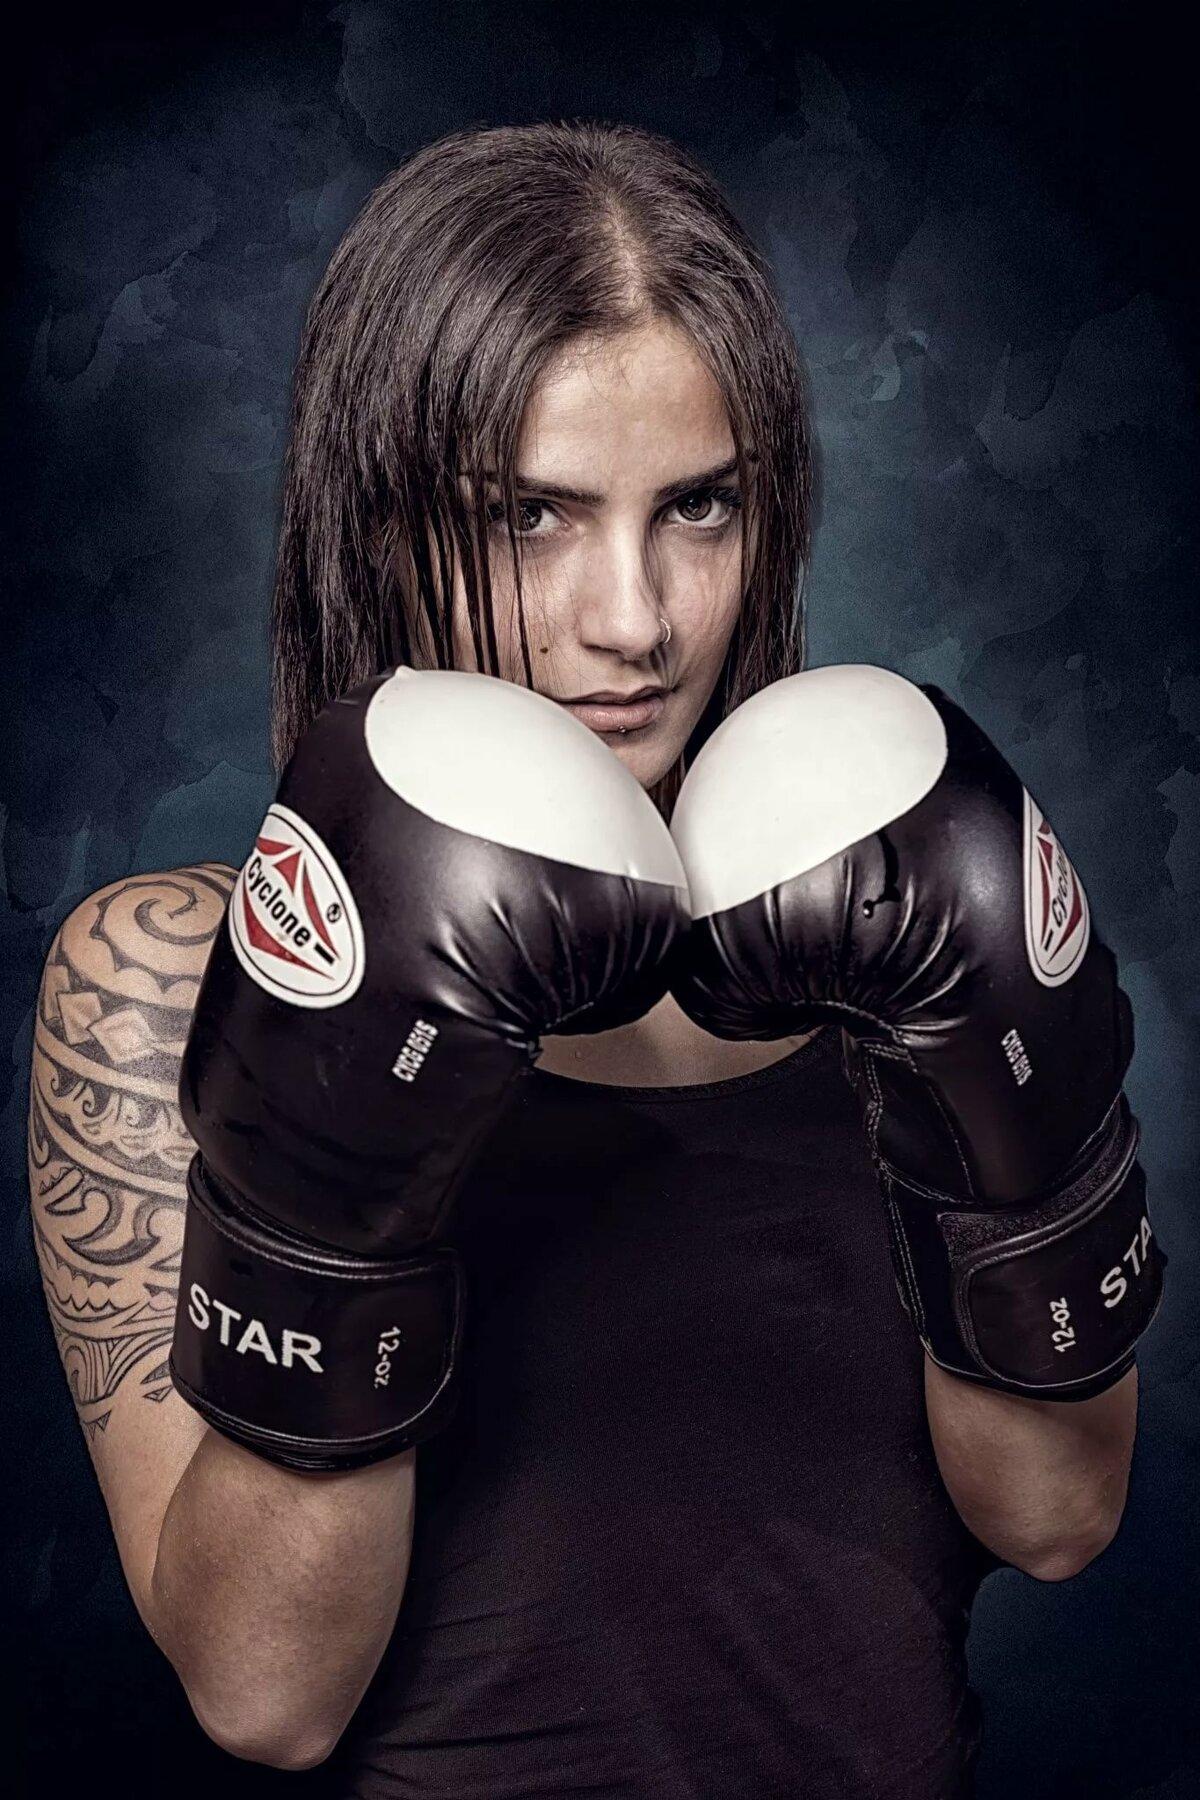 Девушка в боксерских перчатках фото